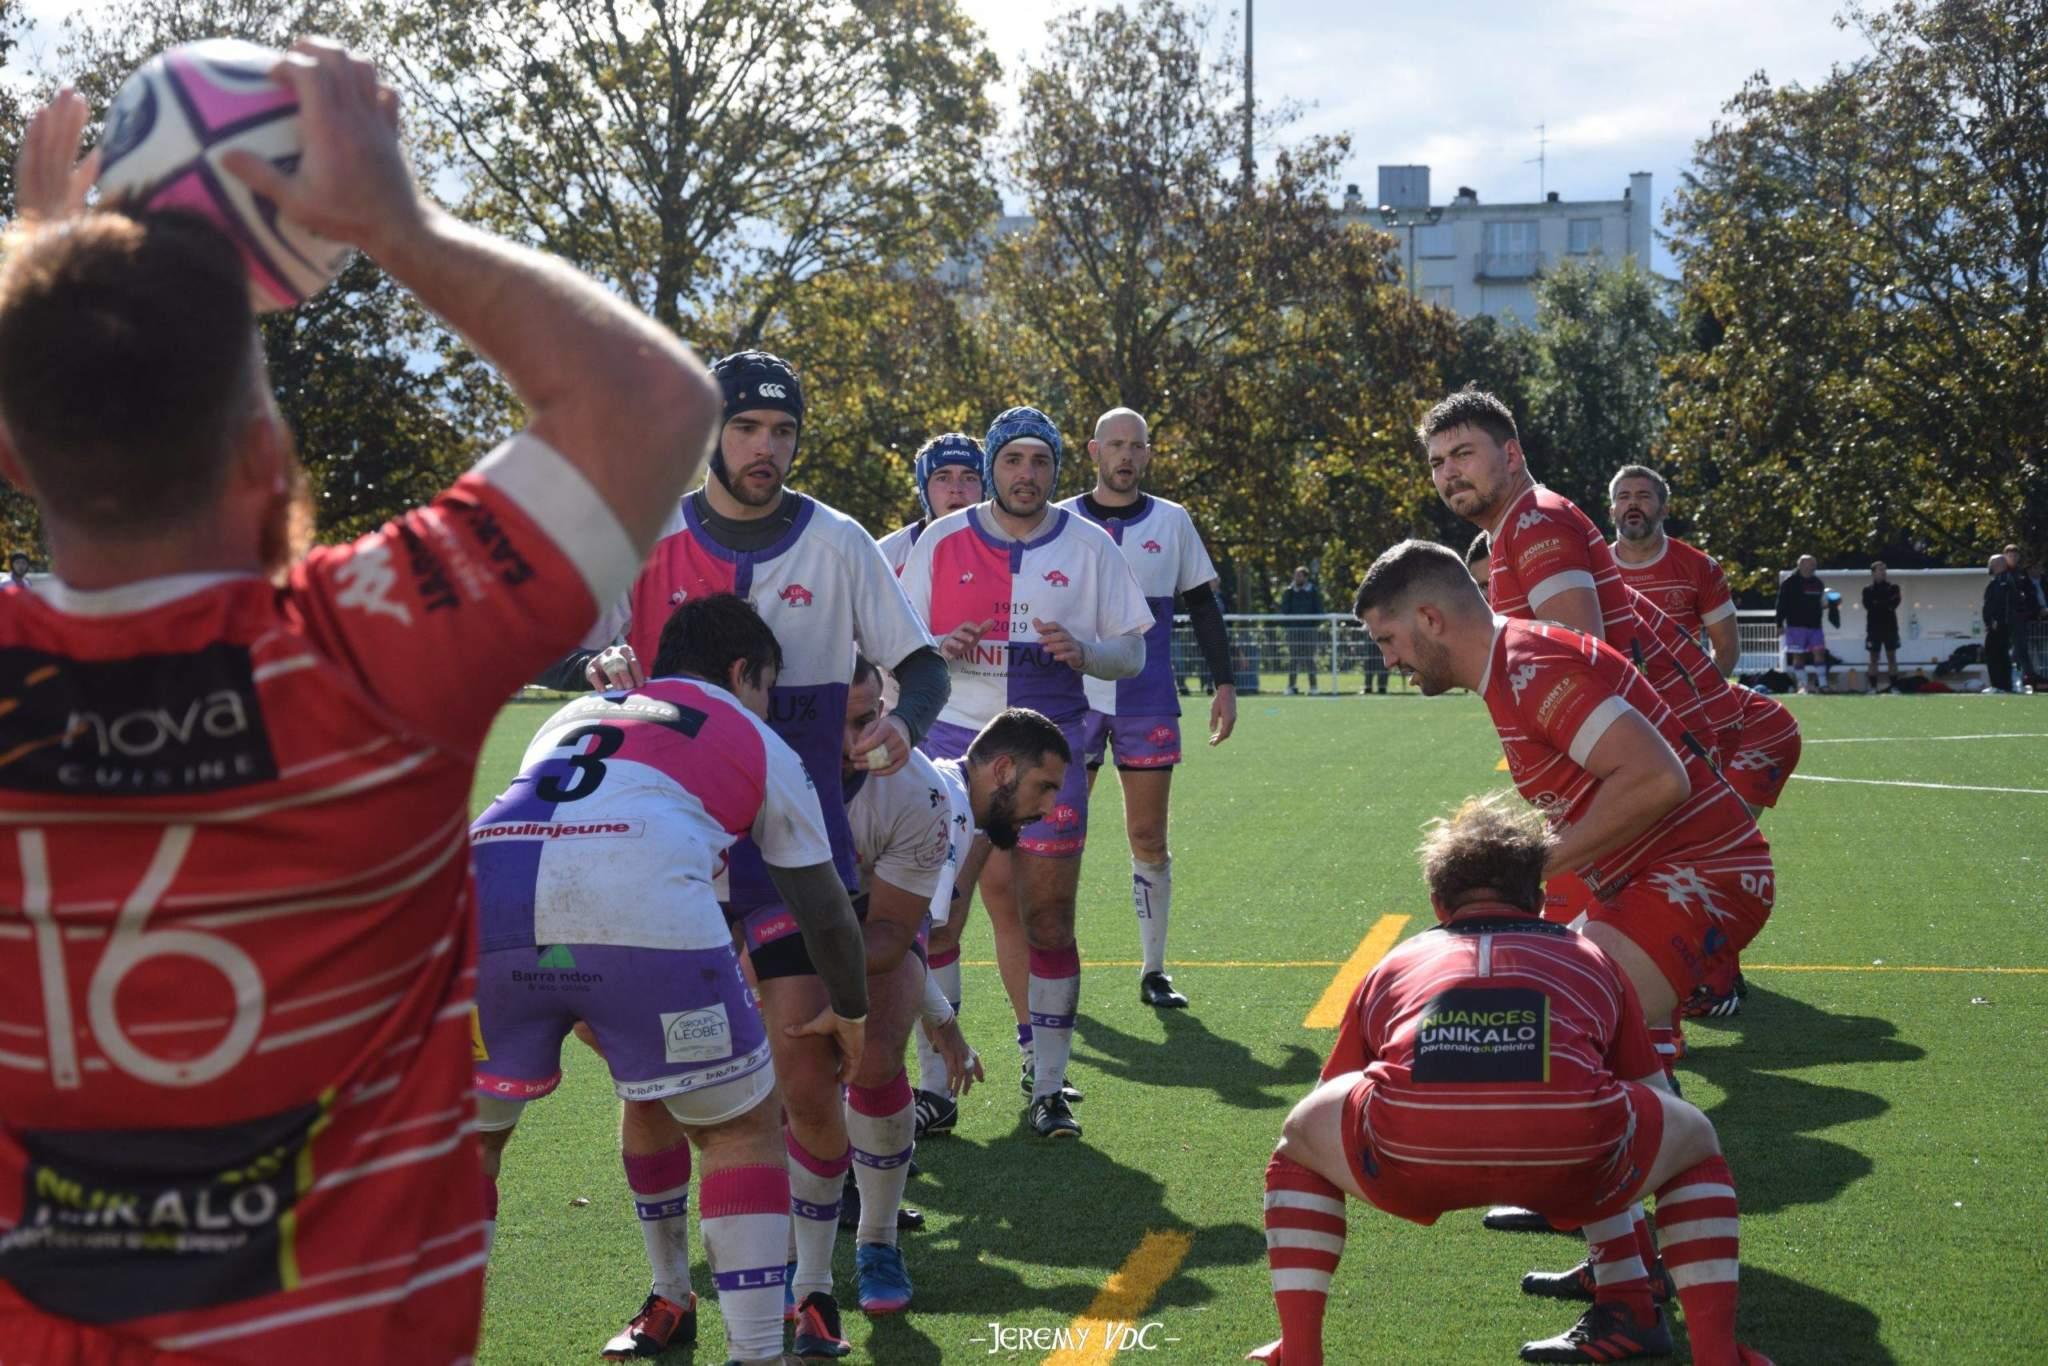 Reverra-t-on des matchs sur les terrains de Nouvelle-Aquitaine au printemps ? (crédit photo Jeremy VdC - RugbyAmateur.fr)